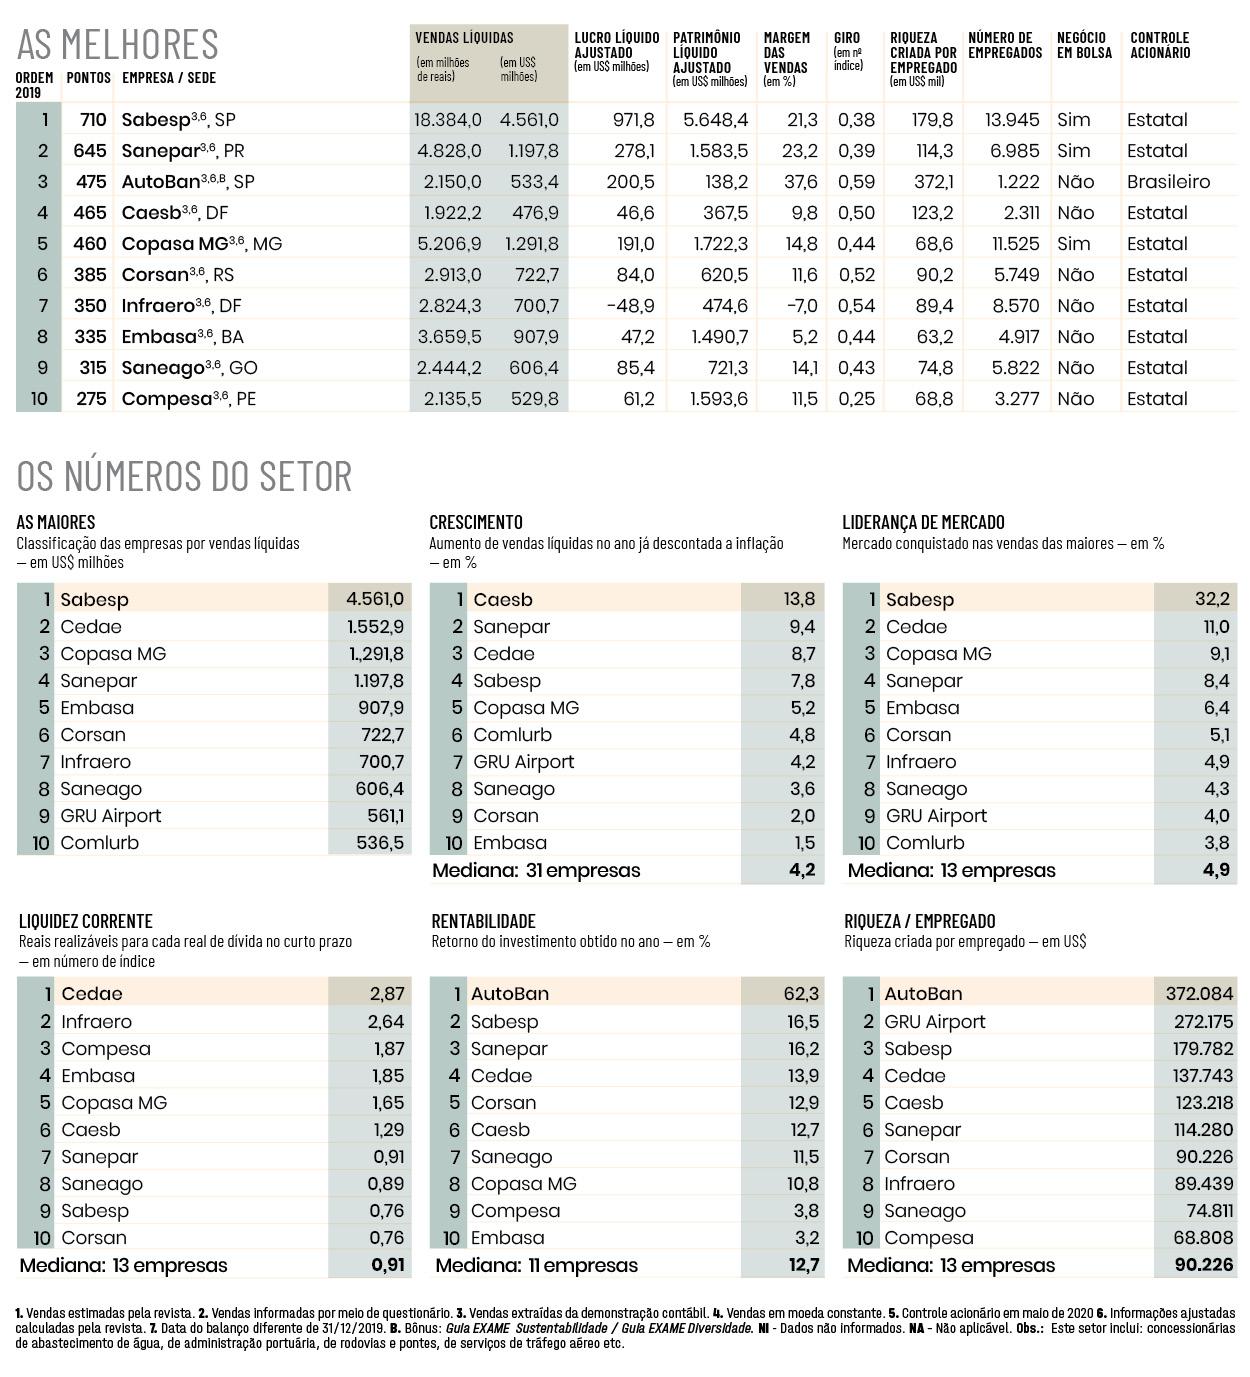 Melhores e Maiores 2020, Infraestrutura